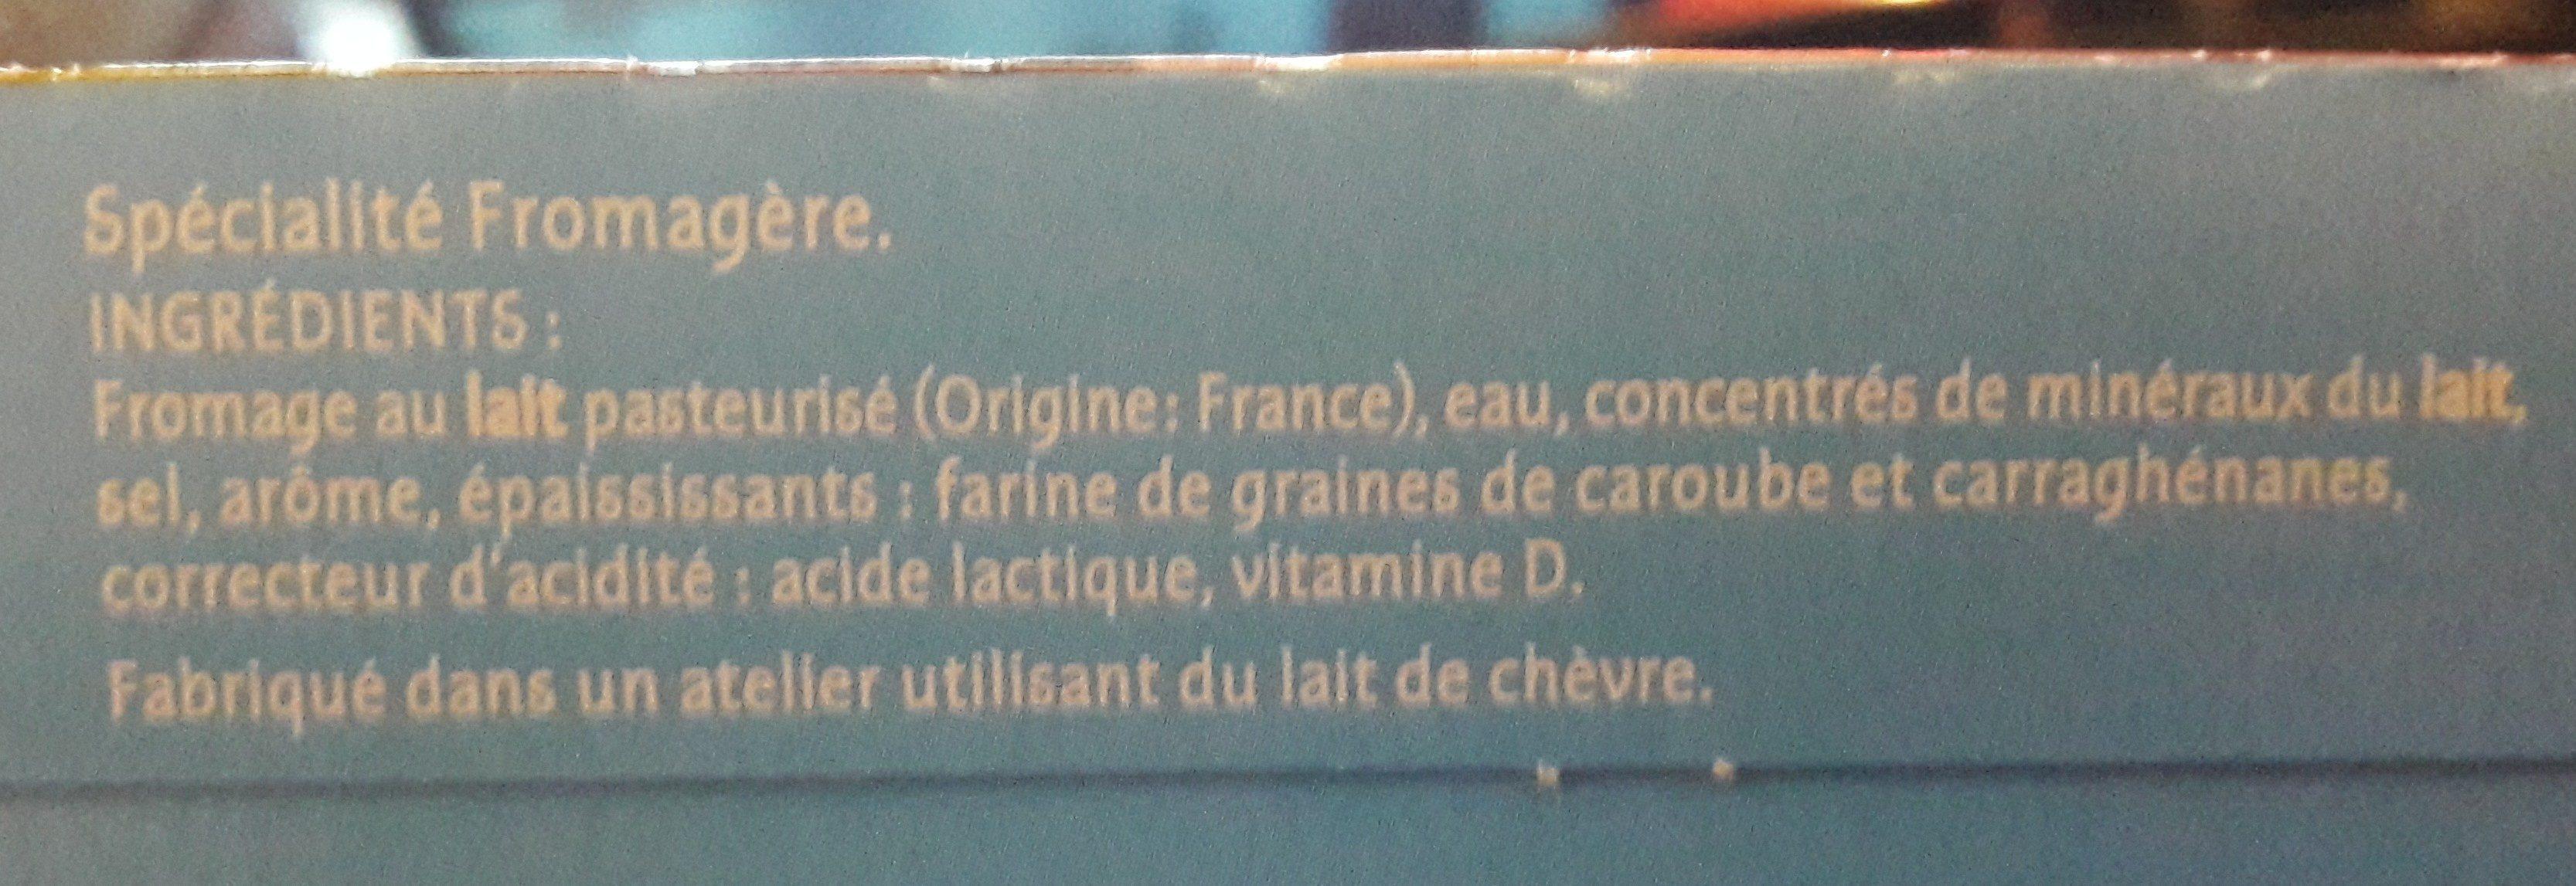 P'tit Louis (26% MG) - Ingrédients - fr